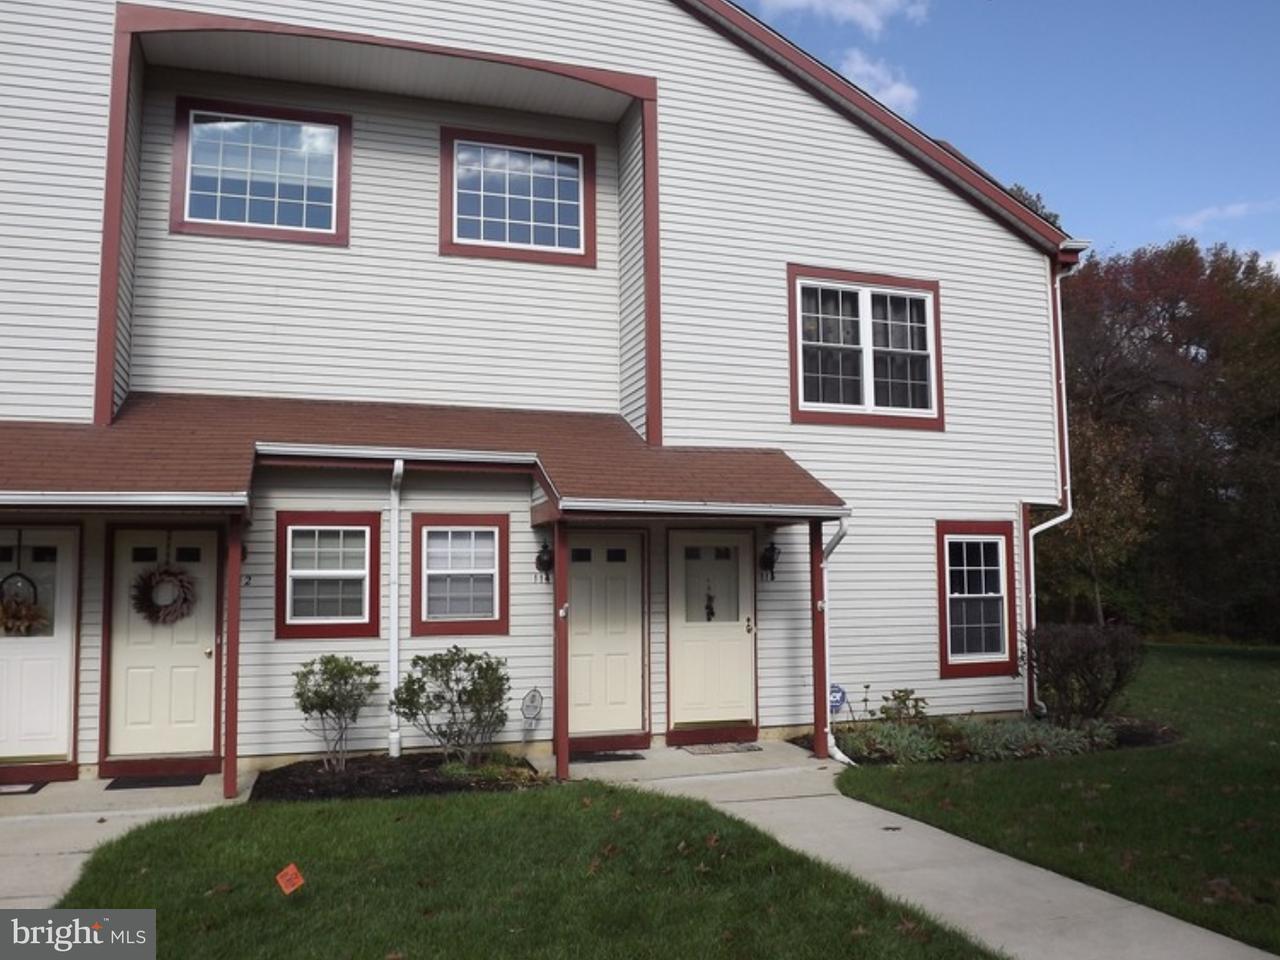 Частный односемейный дом для того Аренда на 114 ANDOVER Place Robbinsville, Нью-Джерси 08691 Соединенные ШтатыВ/Около: Robbinsville Township